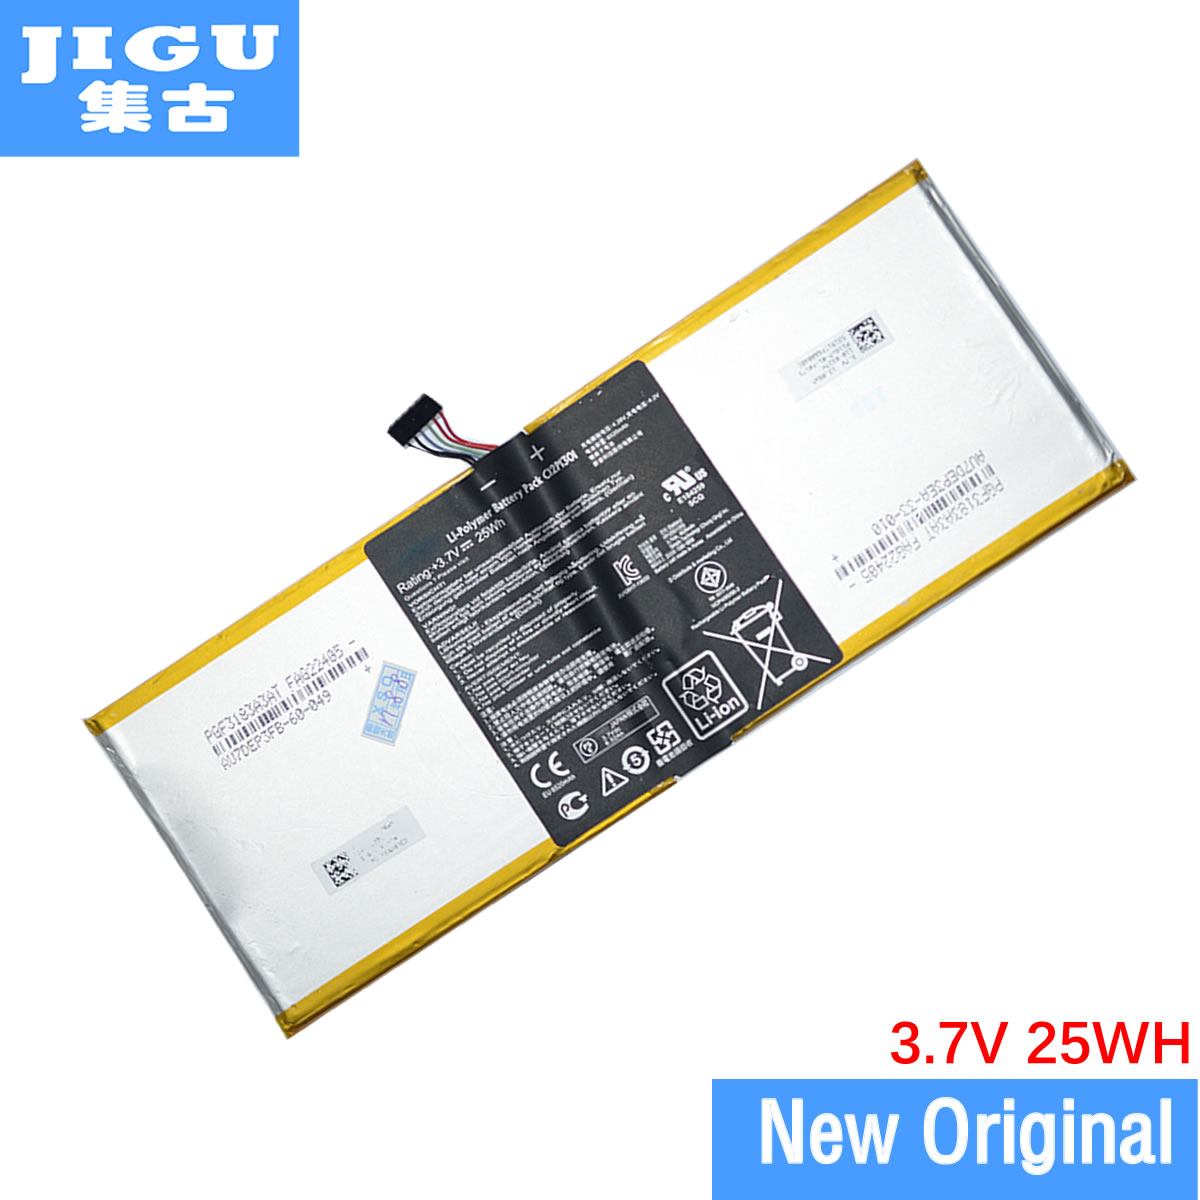 JIGU Original Laptop Battery C12P1301 For ASUS For MEMO PAD K00A (ME302C) For MemoPad 10.1 TF303K 1B014A